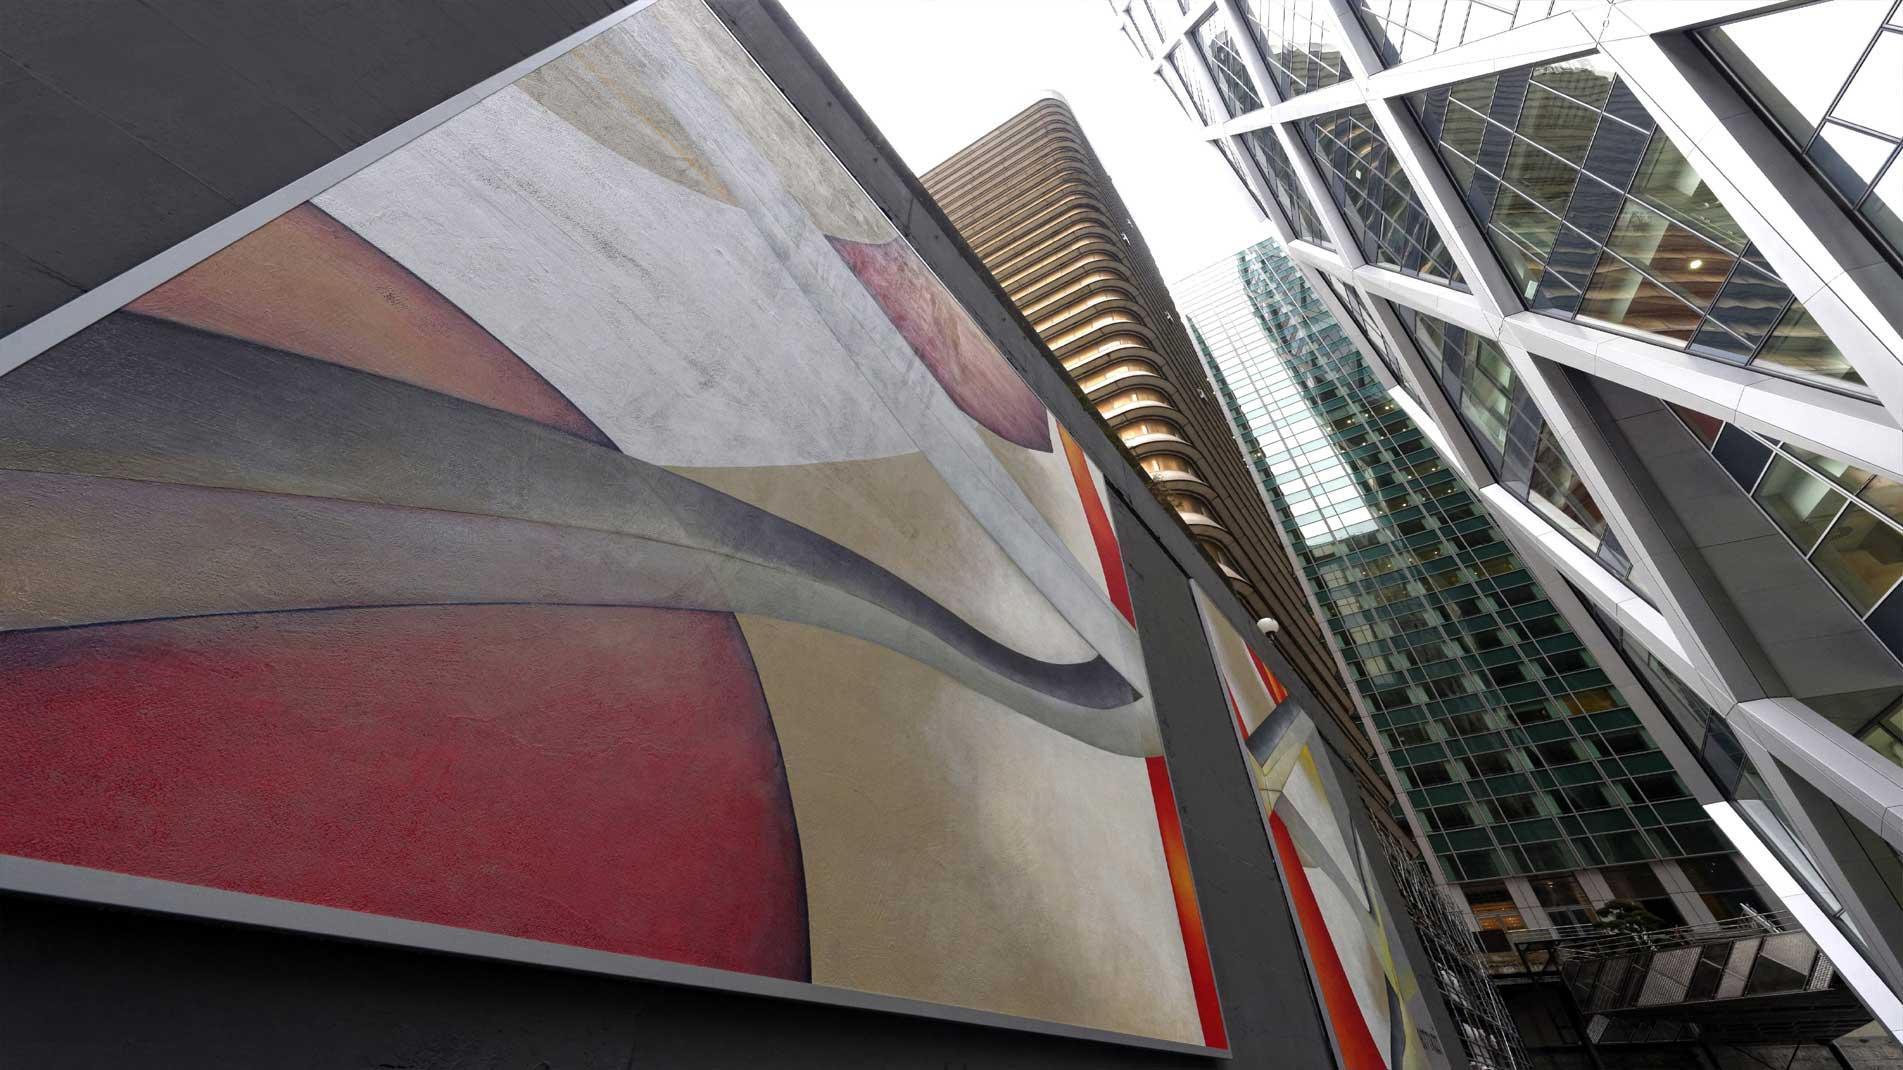 Guillaume Bottazzi, art public, 6 tableaux monumentaux à Paris La Defense